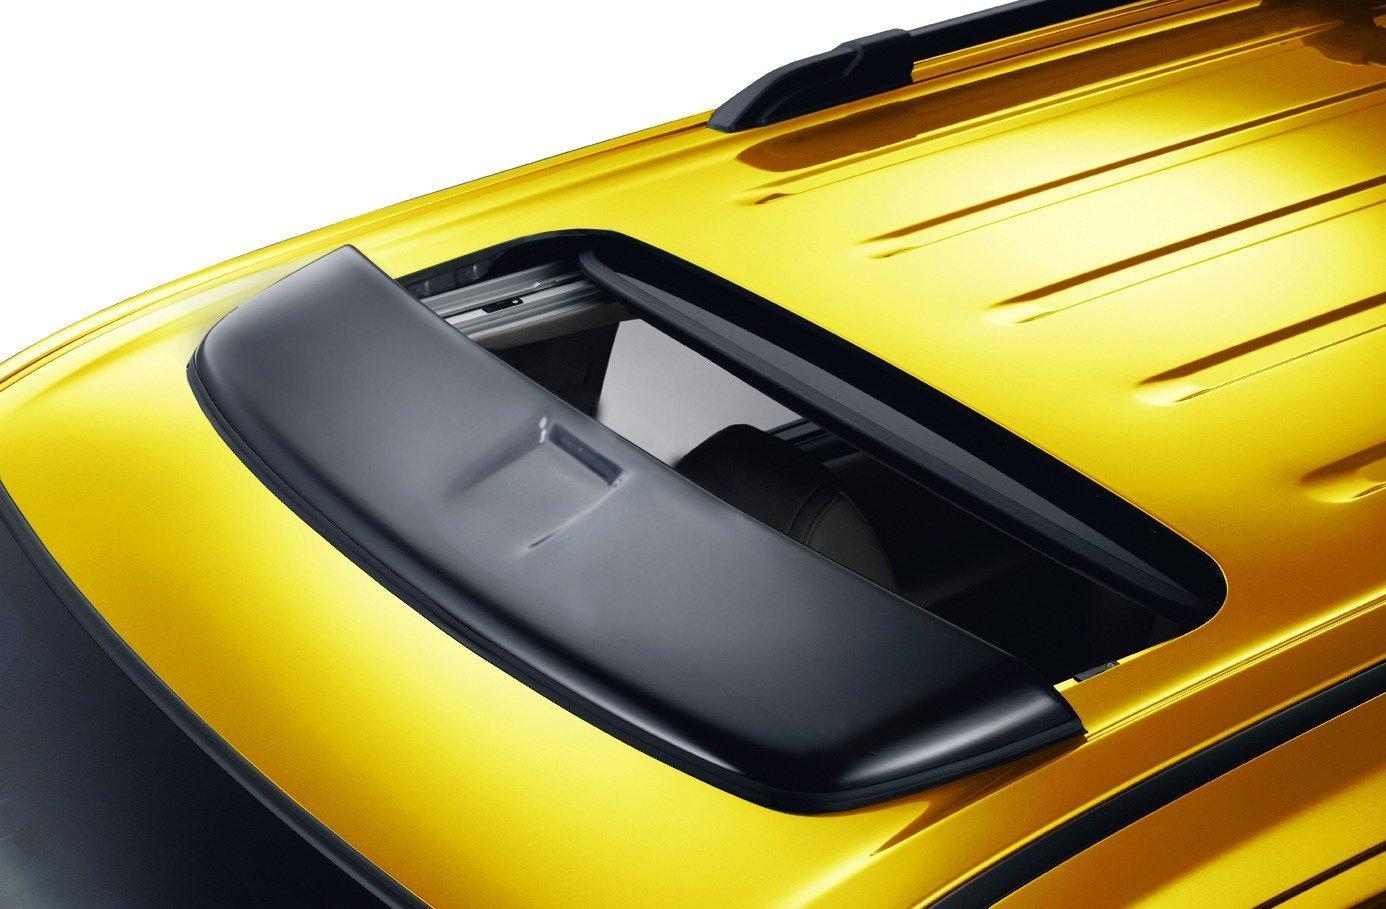 LT Sport 38' Tint Sun/Moon Roof Window Sunroof Moonroof Visor Shade Guard Deflector For Mazda